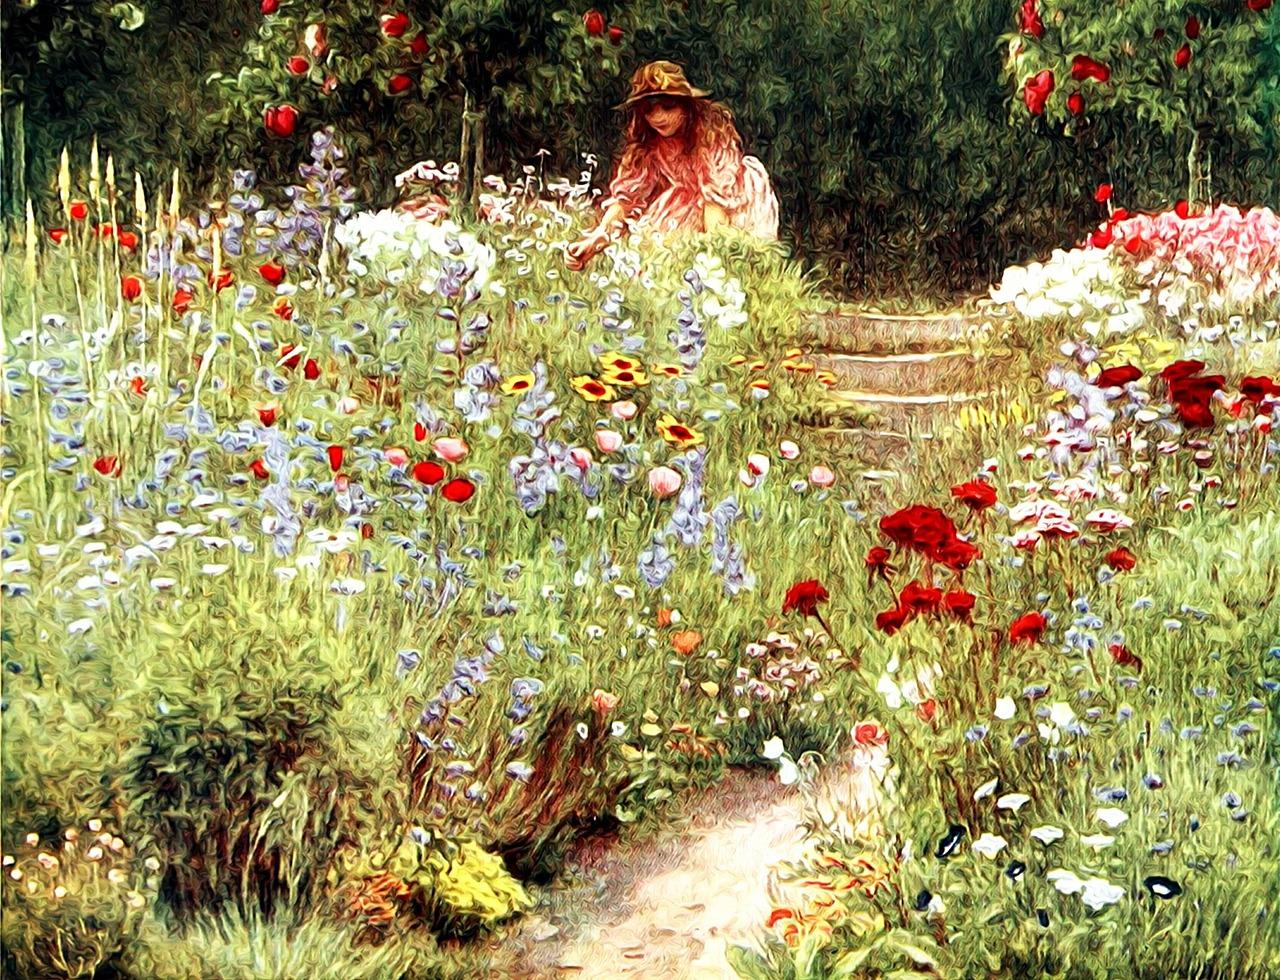 Heirloom Plants for Your Garden